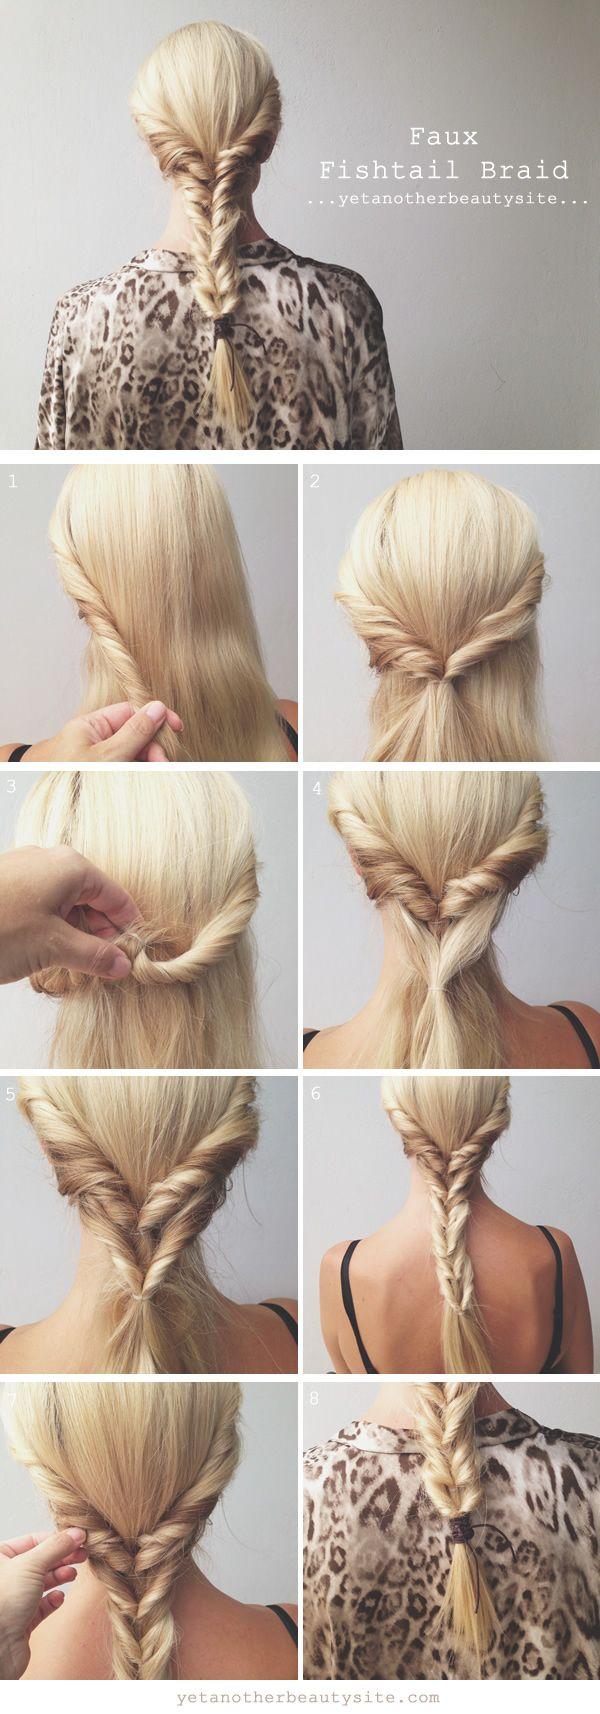 Yetanotherbeautysite fauxfishtailbraid hairstyles